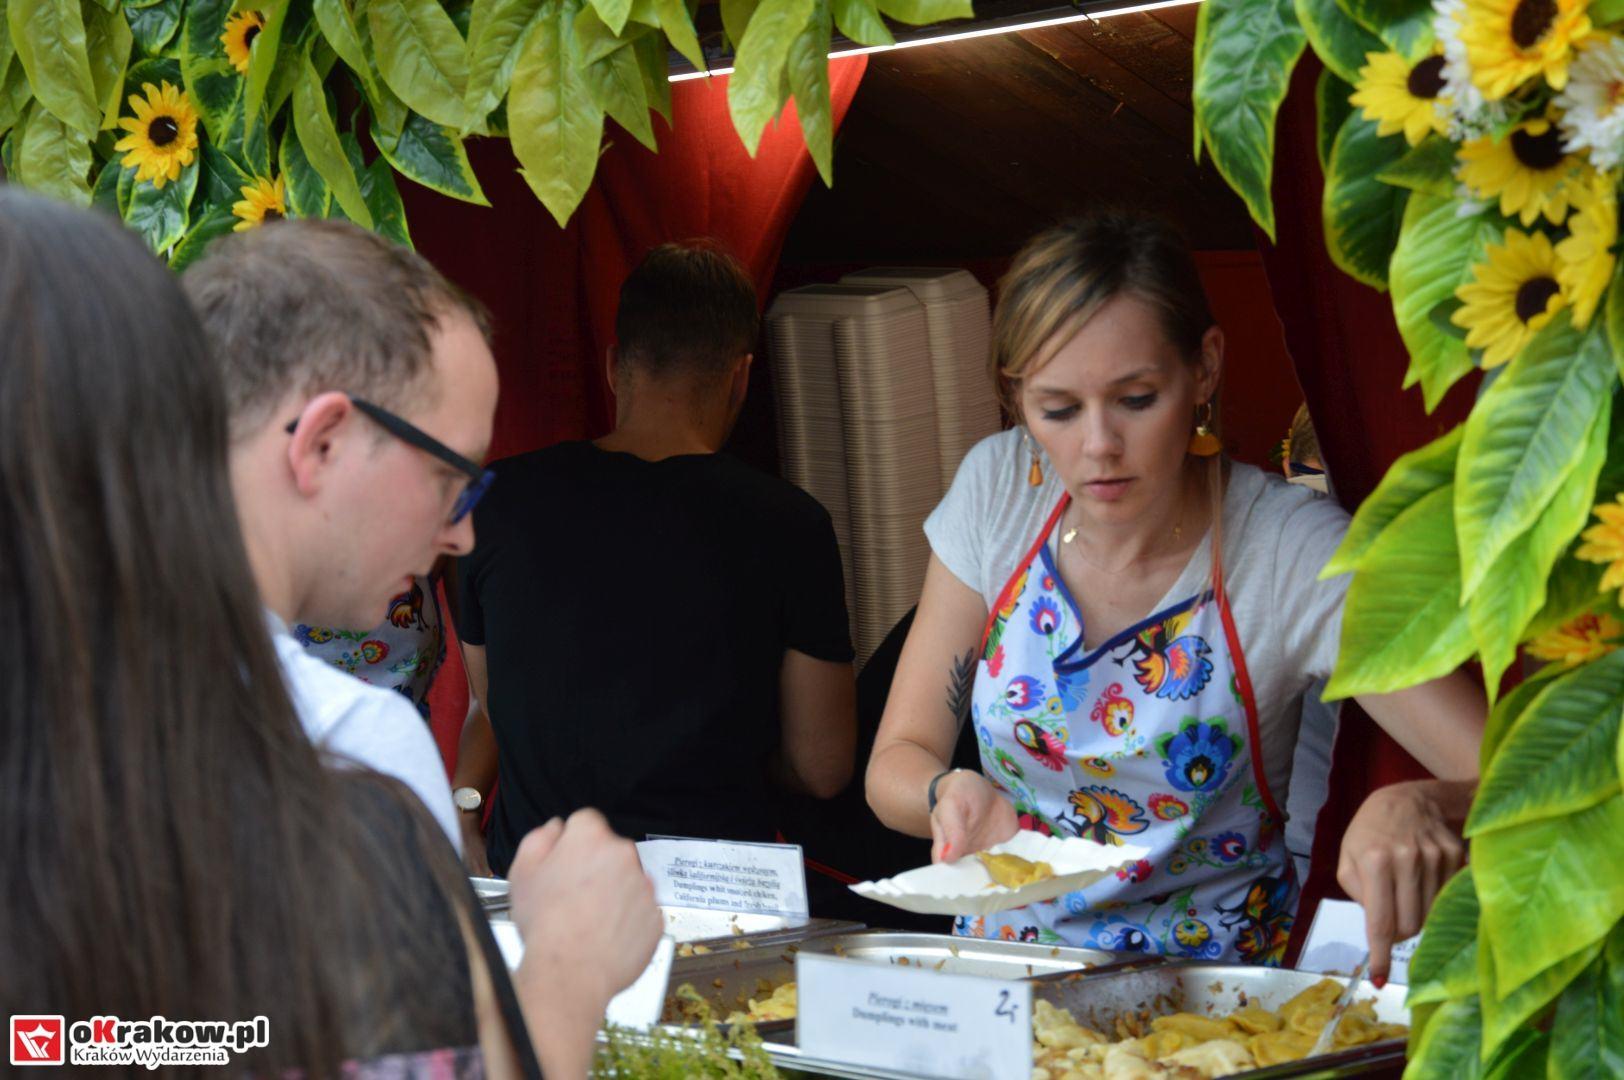 krakow festiwal pierogow maly rynek koncert cheap tobacco 65 150x150 - Galeria zdjęć Festiwal Pierogów Kraków 2018 + zdjęcia z koncertu Cheap Tobacco